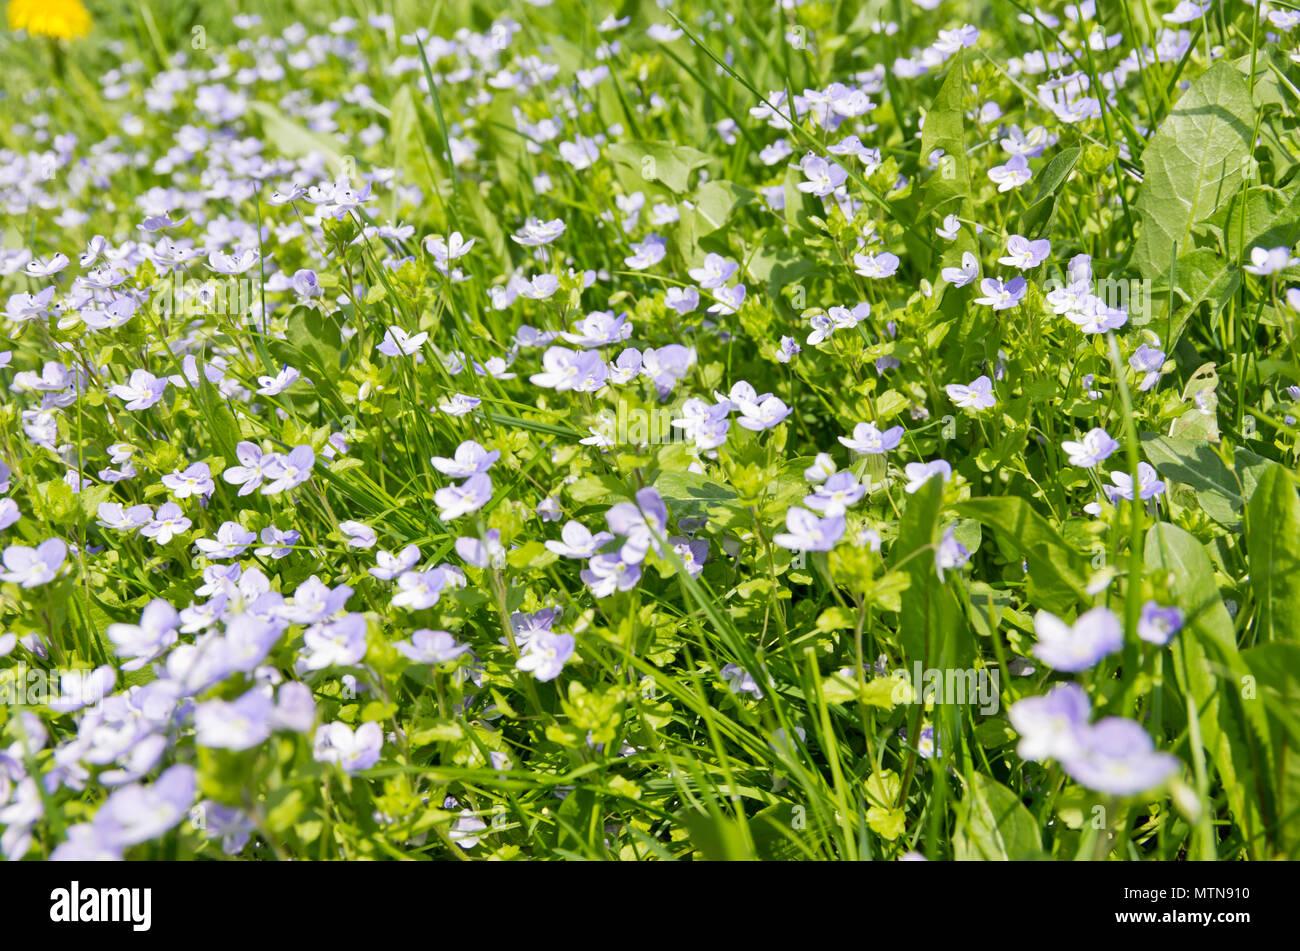 Wiese voller Blumen und Gras im Frühling. Stockbild